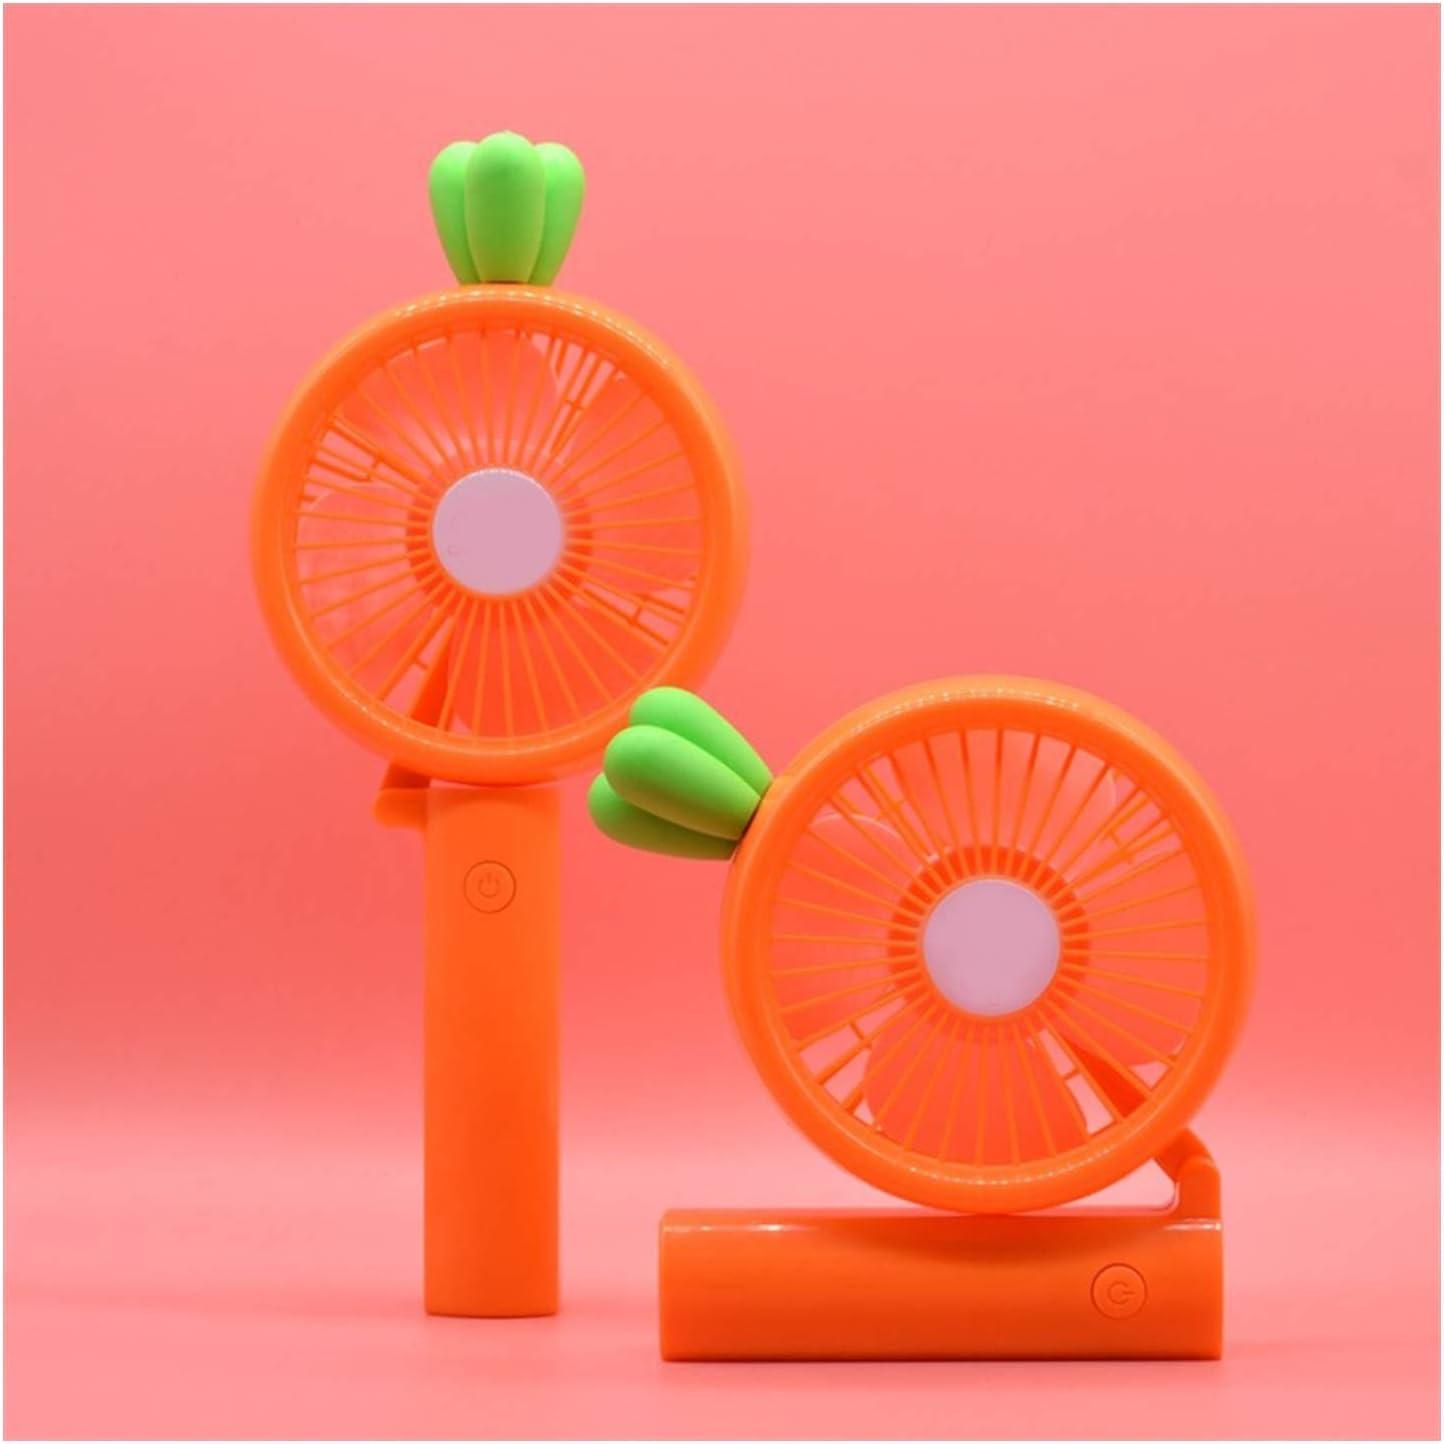 Color : 04 ZHANGQIAO-AE Carrot Shape Miniskirt Fan USB Galvanising Fan Home Office Cooling Fan Mini USB Desktop Fan Small Personal Silent Fan Por